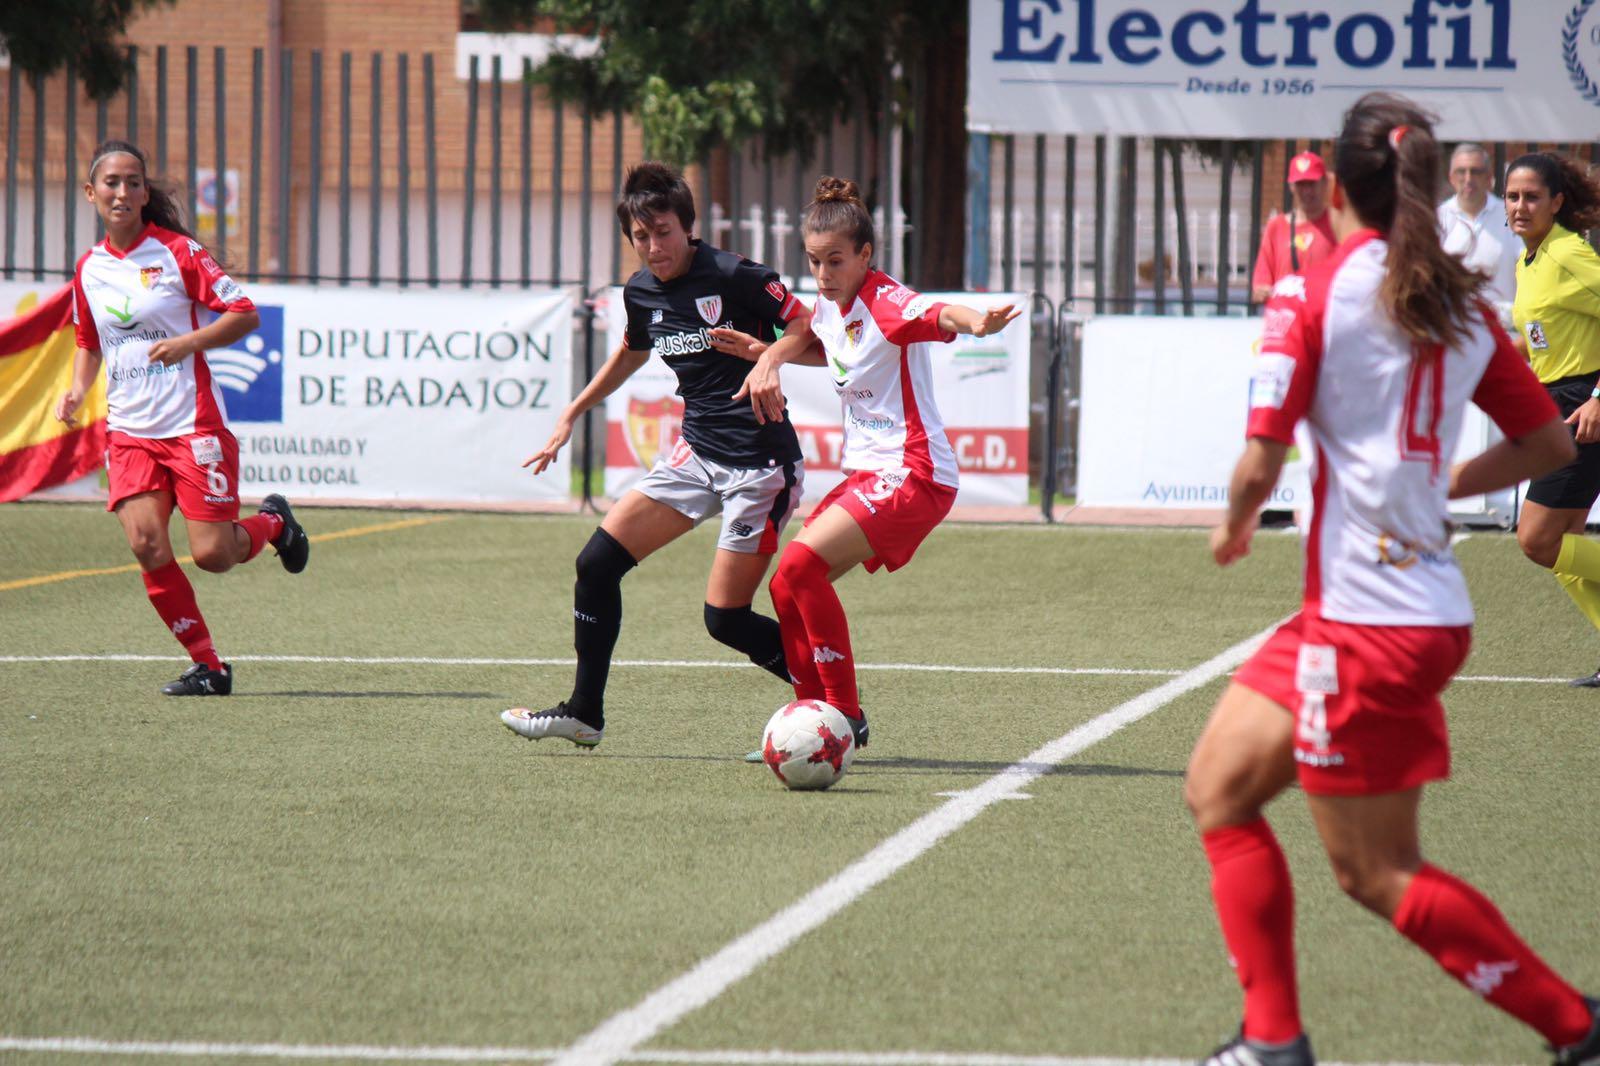 Un Santa Teresa Badajoz superior cae por la mínima en el debut ante Athletic Club (2)